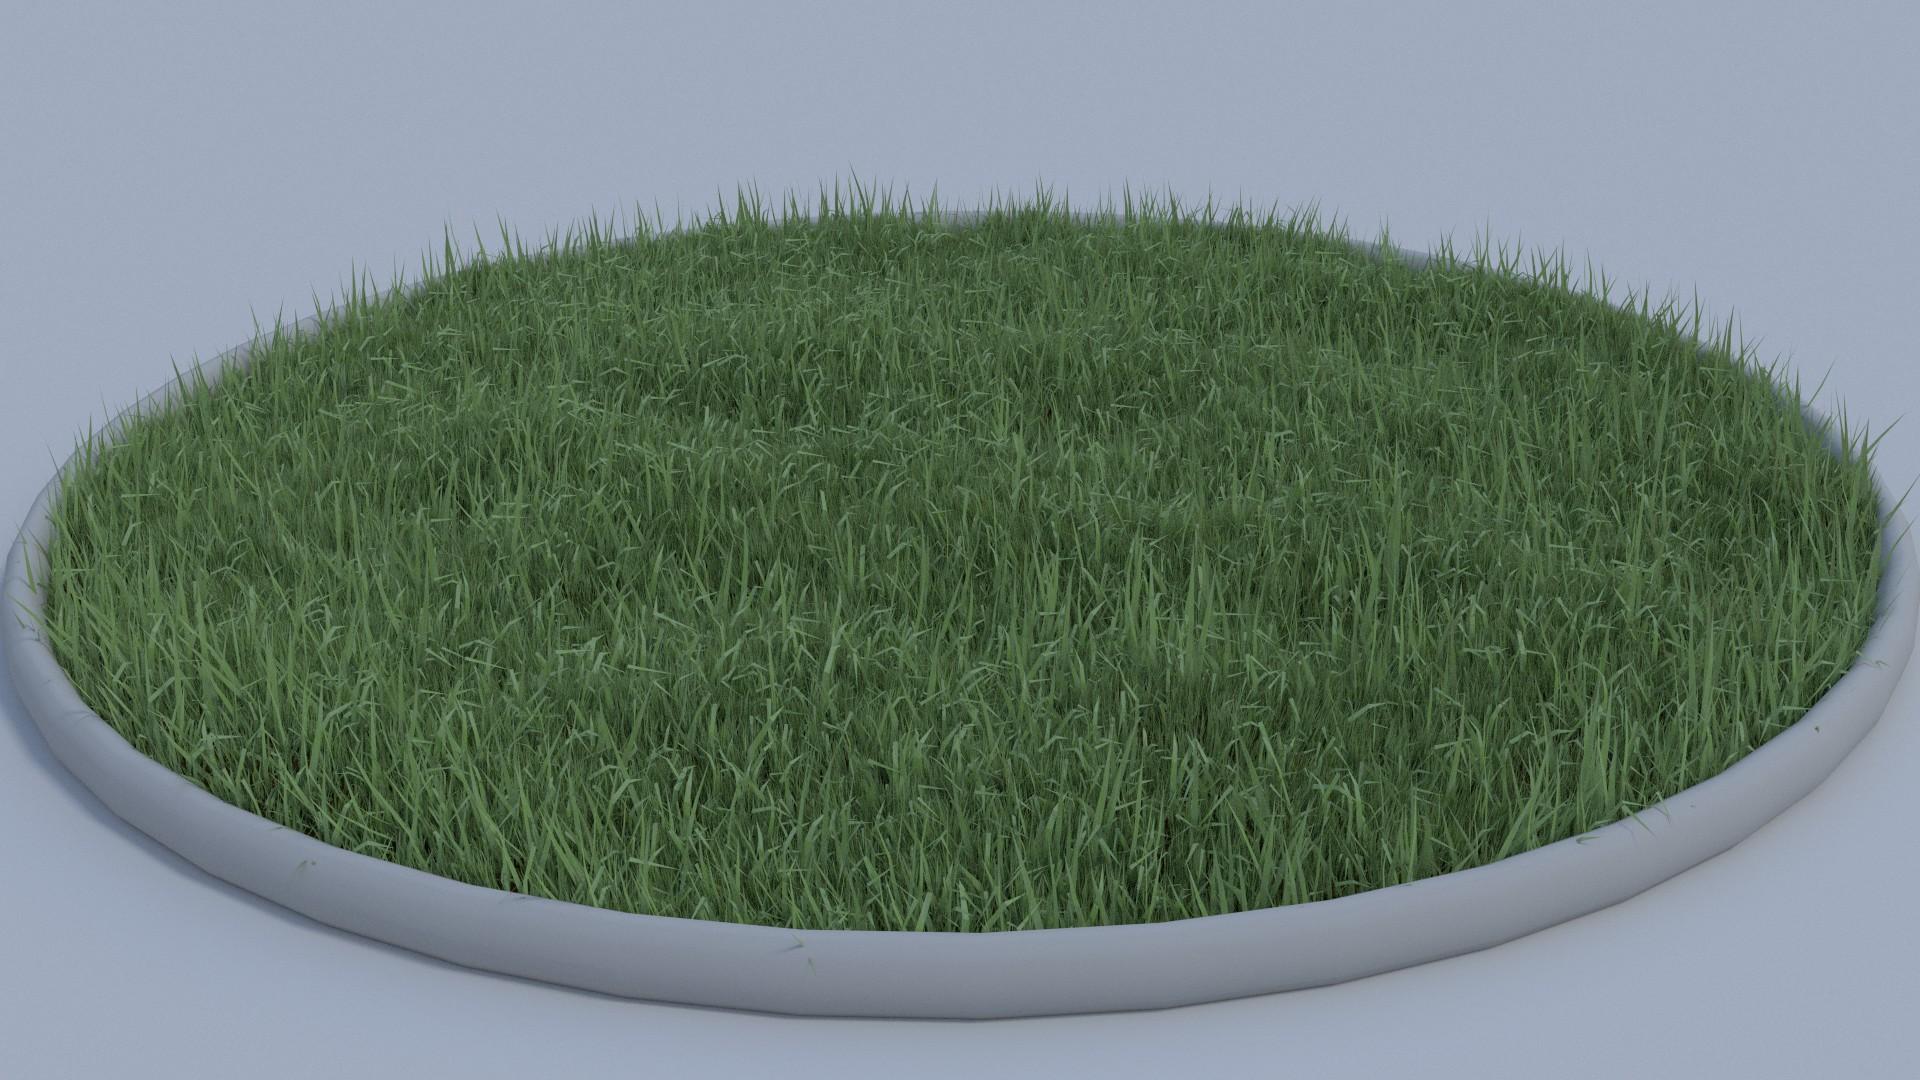 Grass Test Render 1